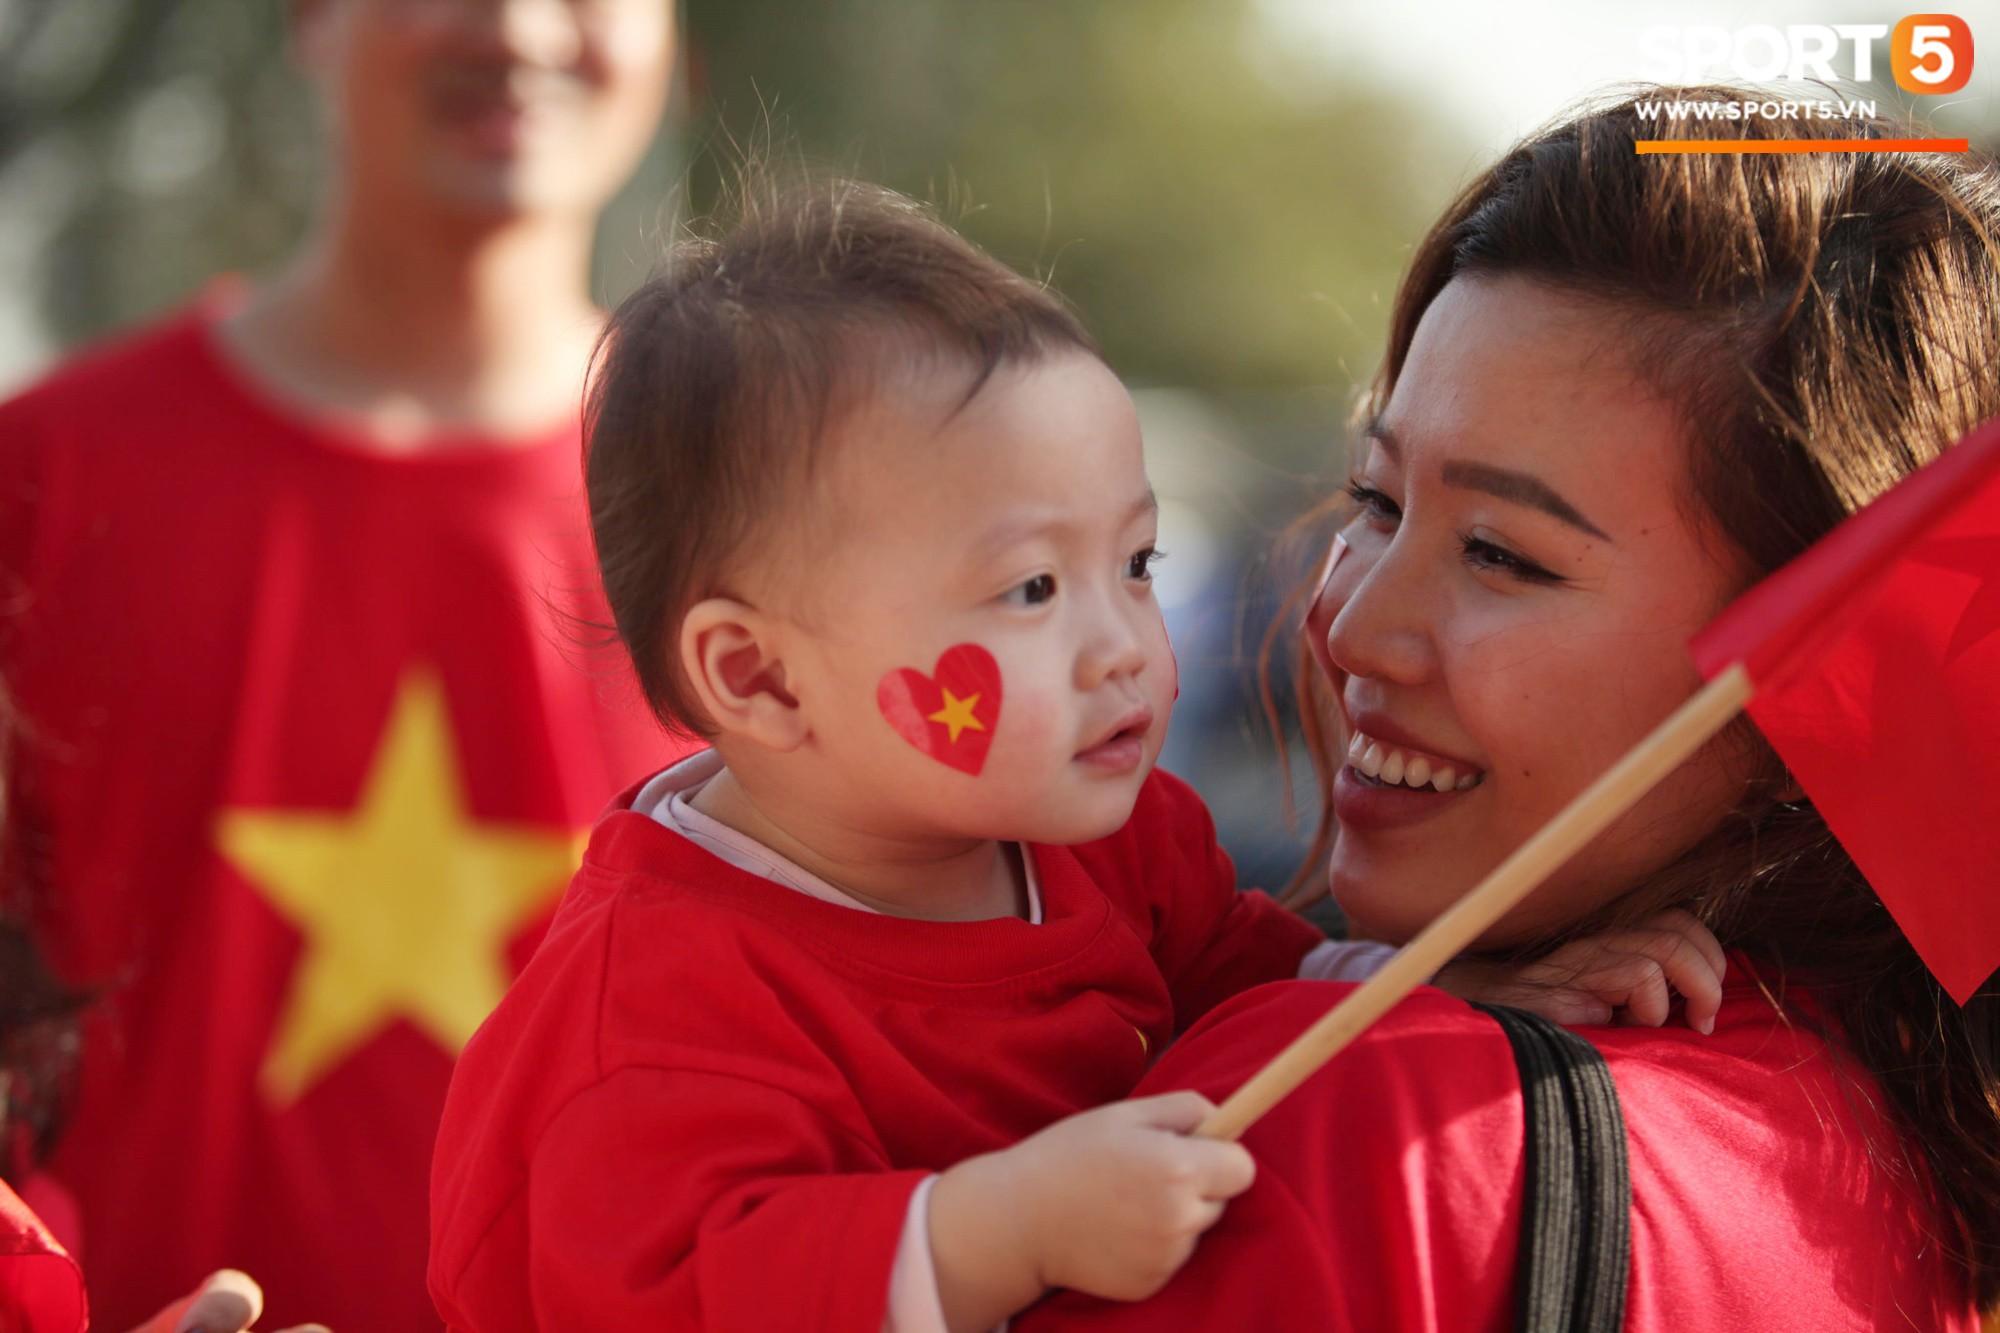 Dàn fangirl xinh đẹp tiếp lửa cho đội tuyển Việt Nam trước trận gặp Iraq-10